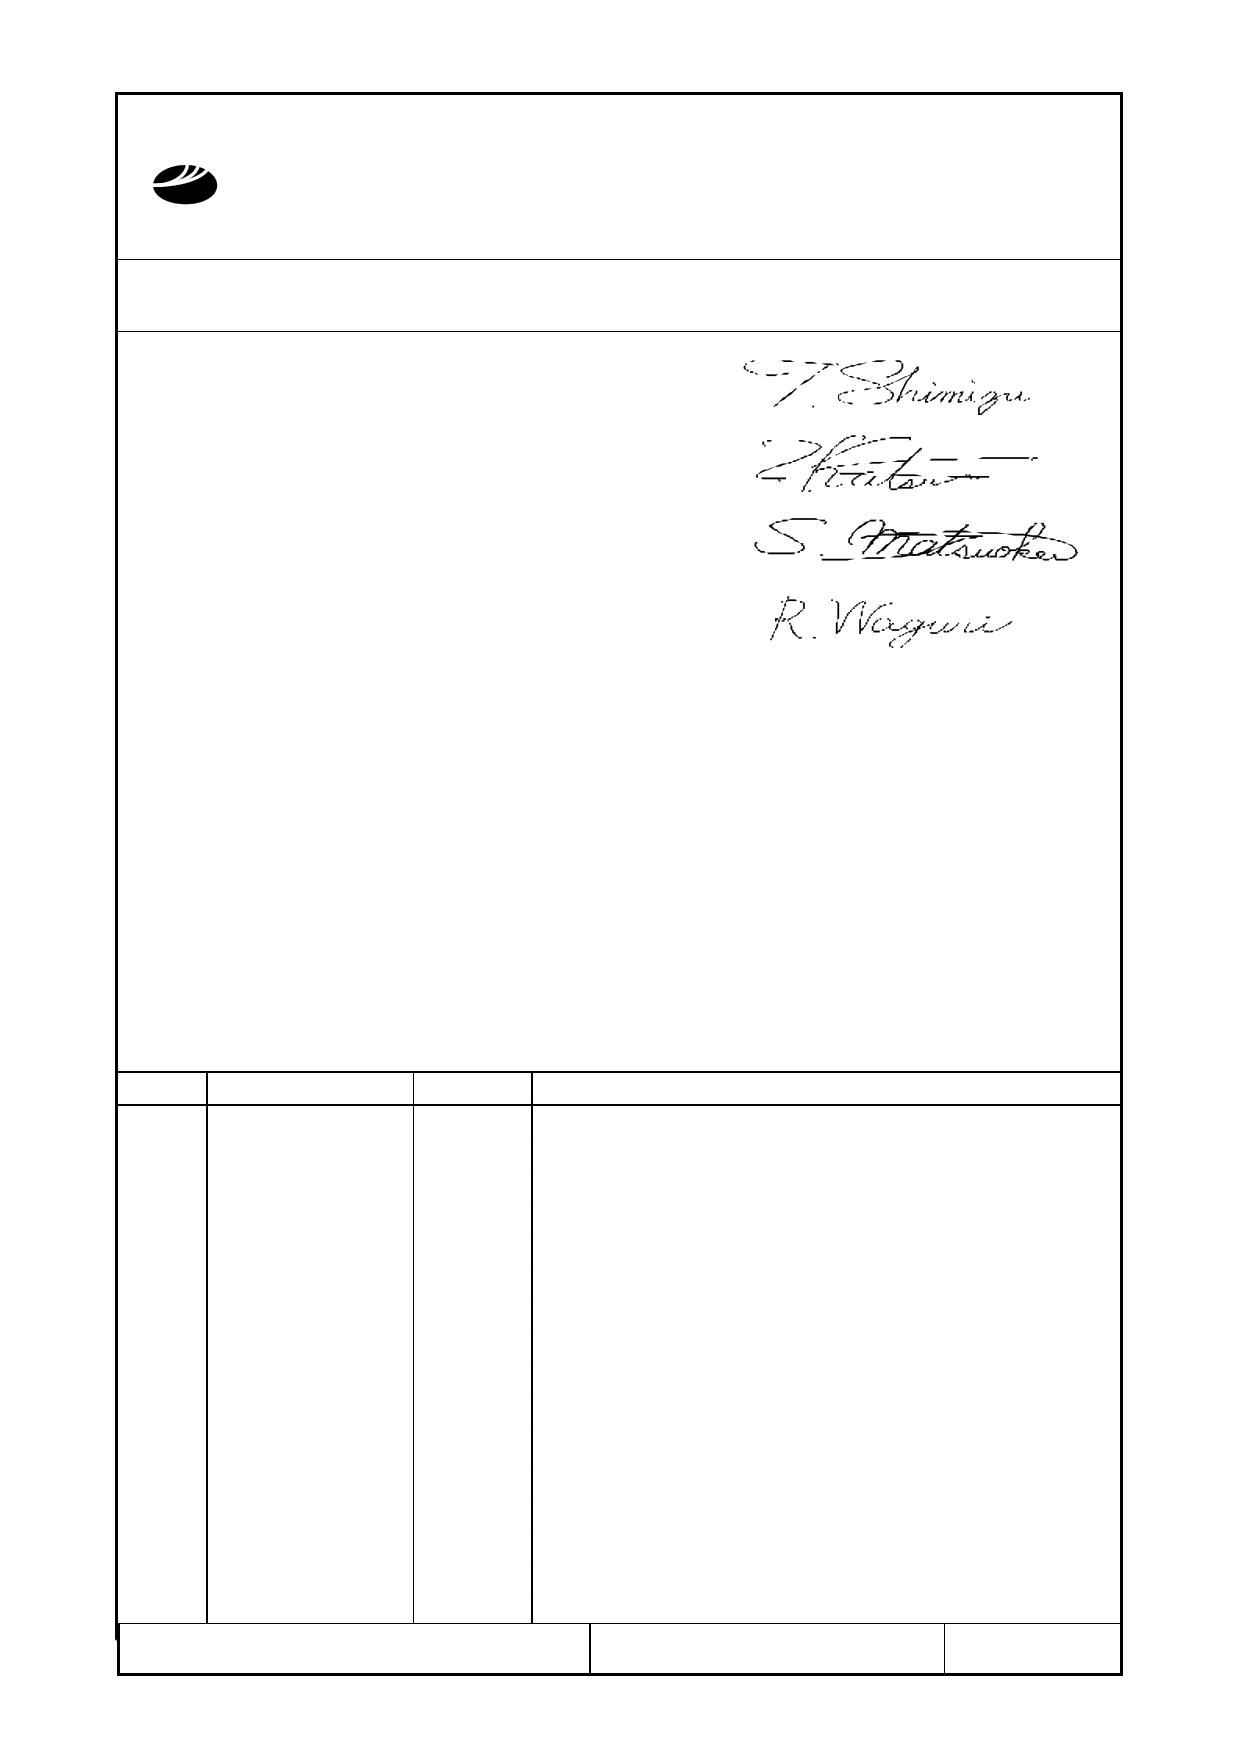 F-51661GNCJU-MLW-AA دیتاشیت PDF